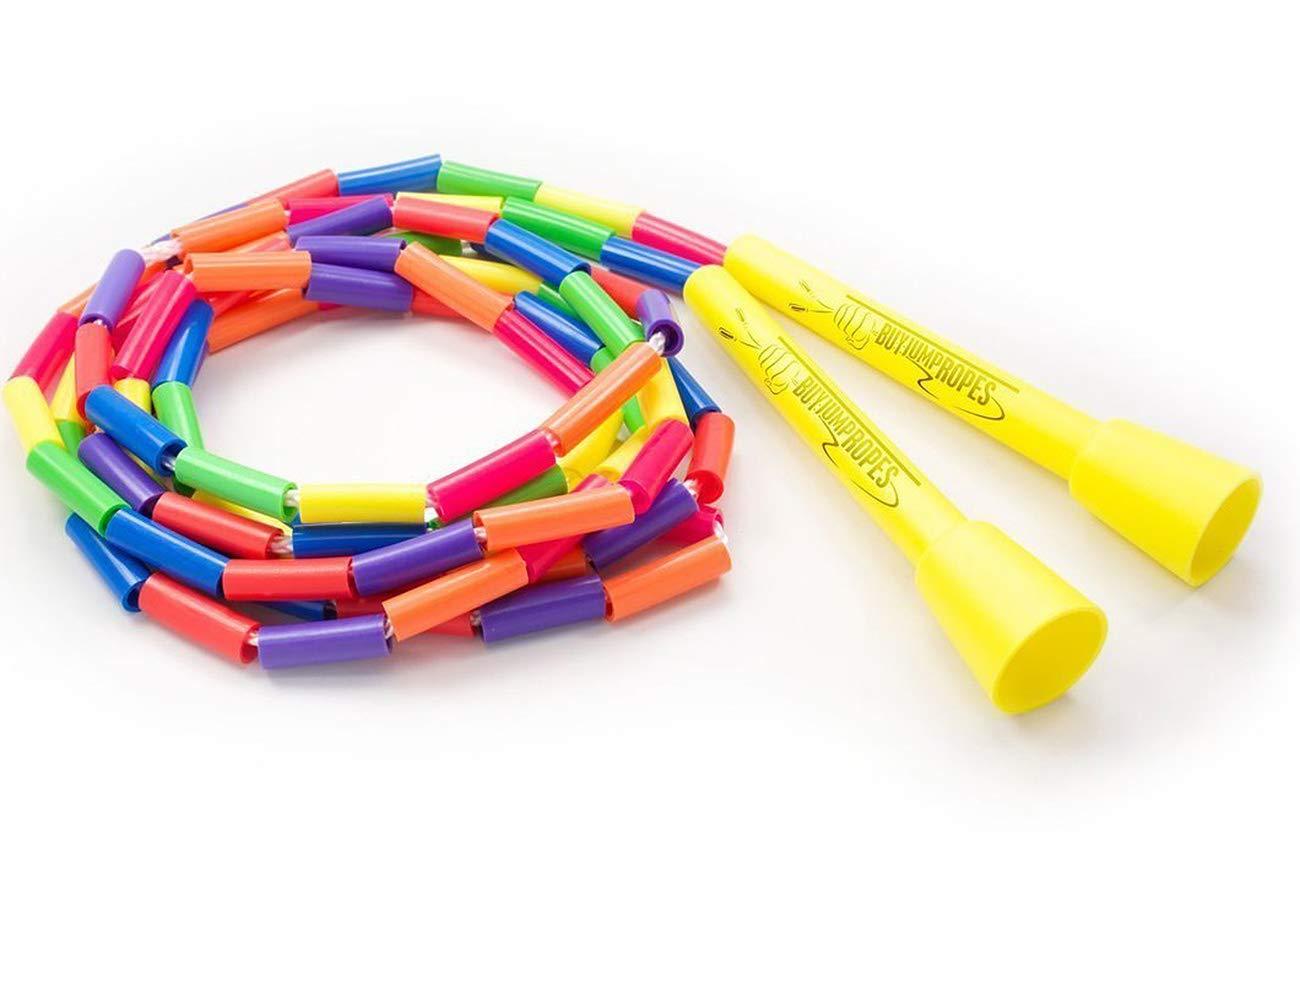 お気に入りの (2.1m, Rainbow) 7-Feet - Buy Jump Jump Ropes Segmented Jump (2.1m, Rope B00IU0L80I レインボー 7-Feet 7-Feet|レインボー, MESSE:ac17852f --- arianechie.dominiotemporario.com